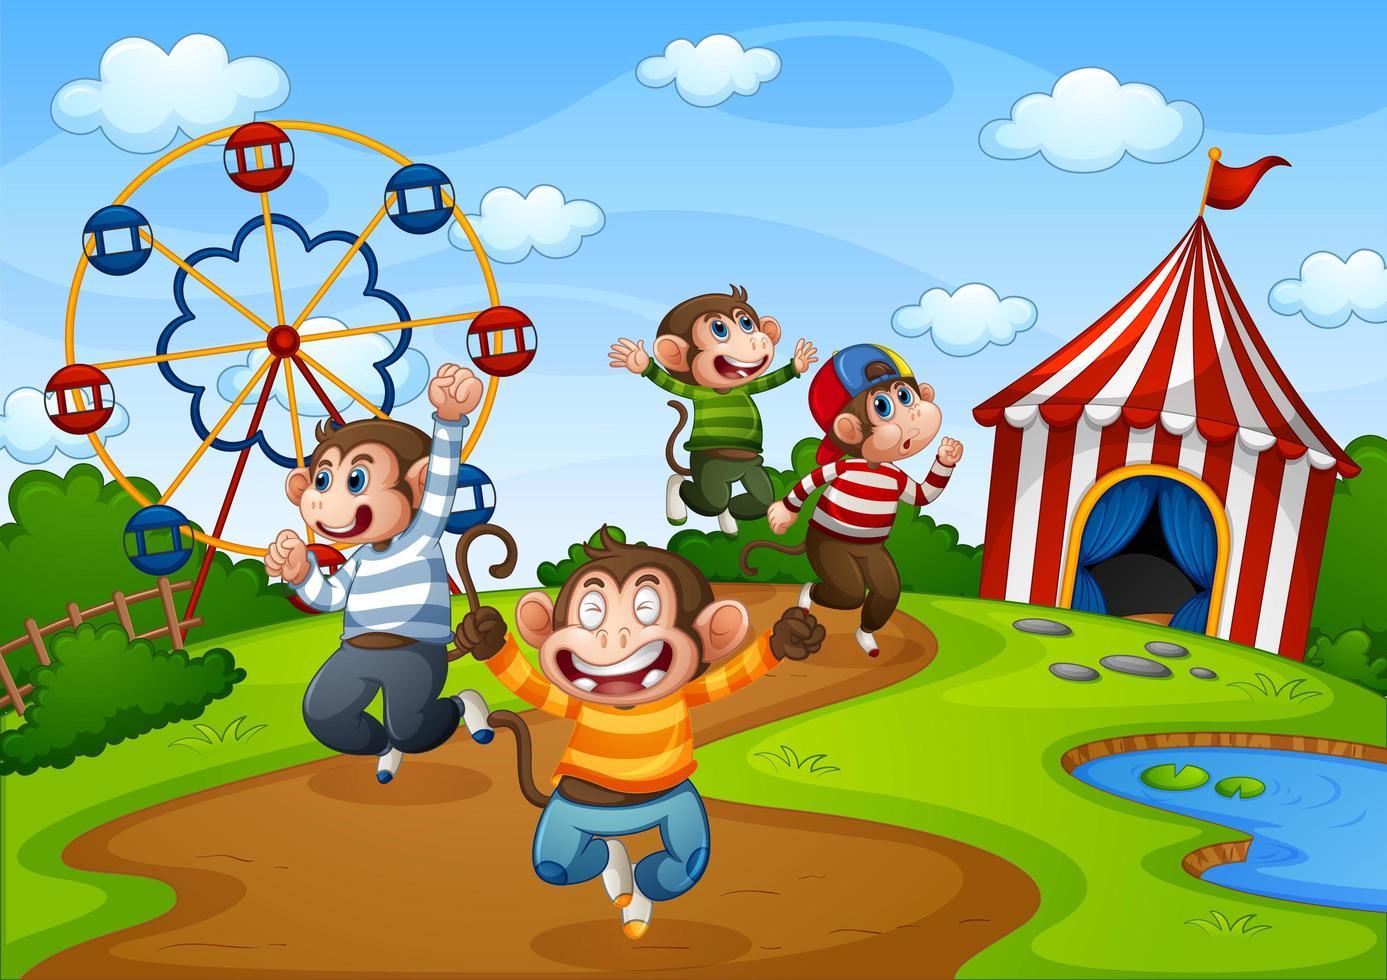 singes sautant dans la scène du parc d & # 39; attractions vecteur